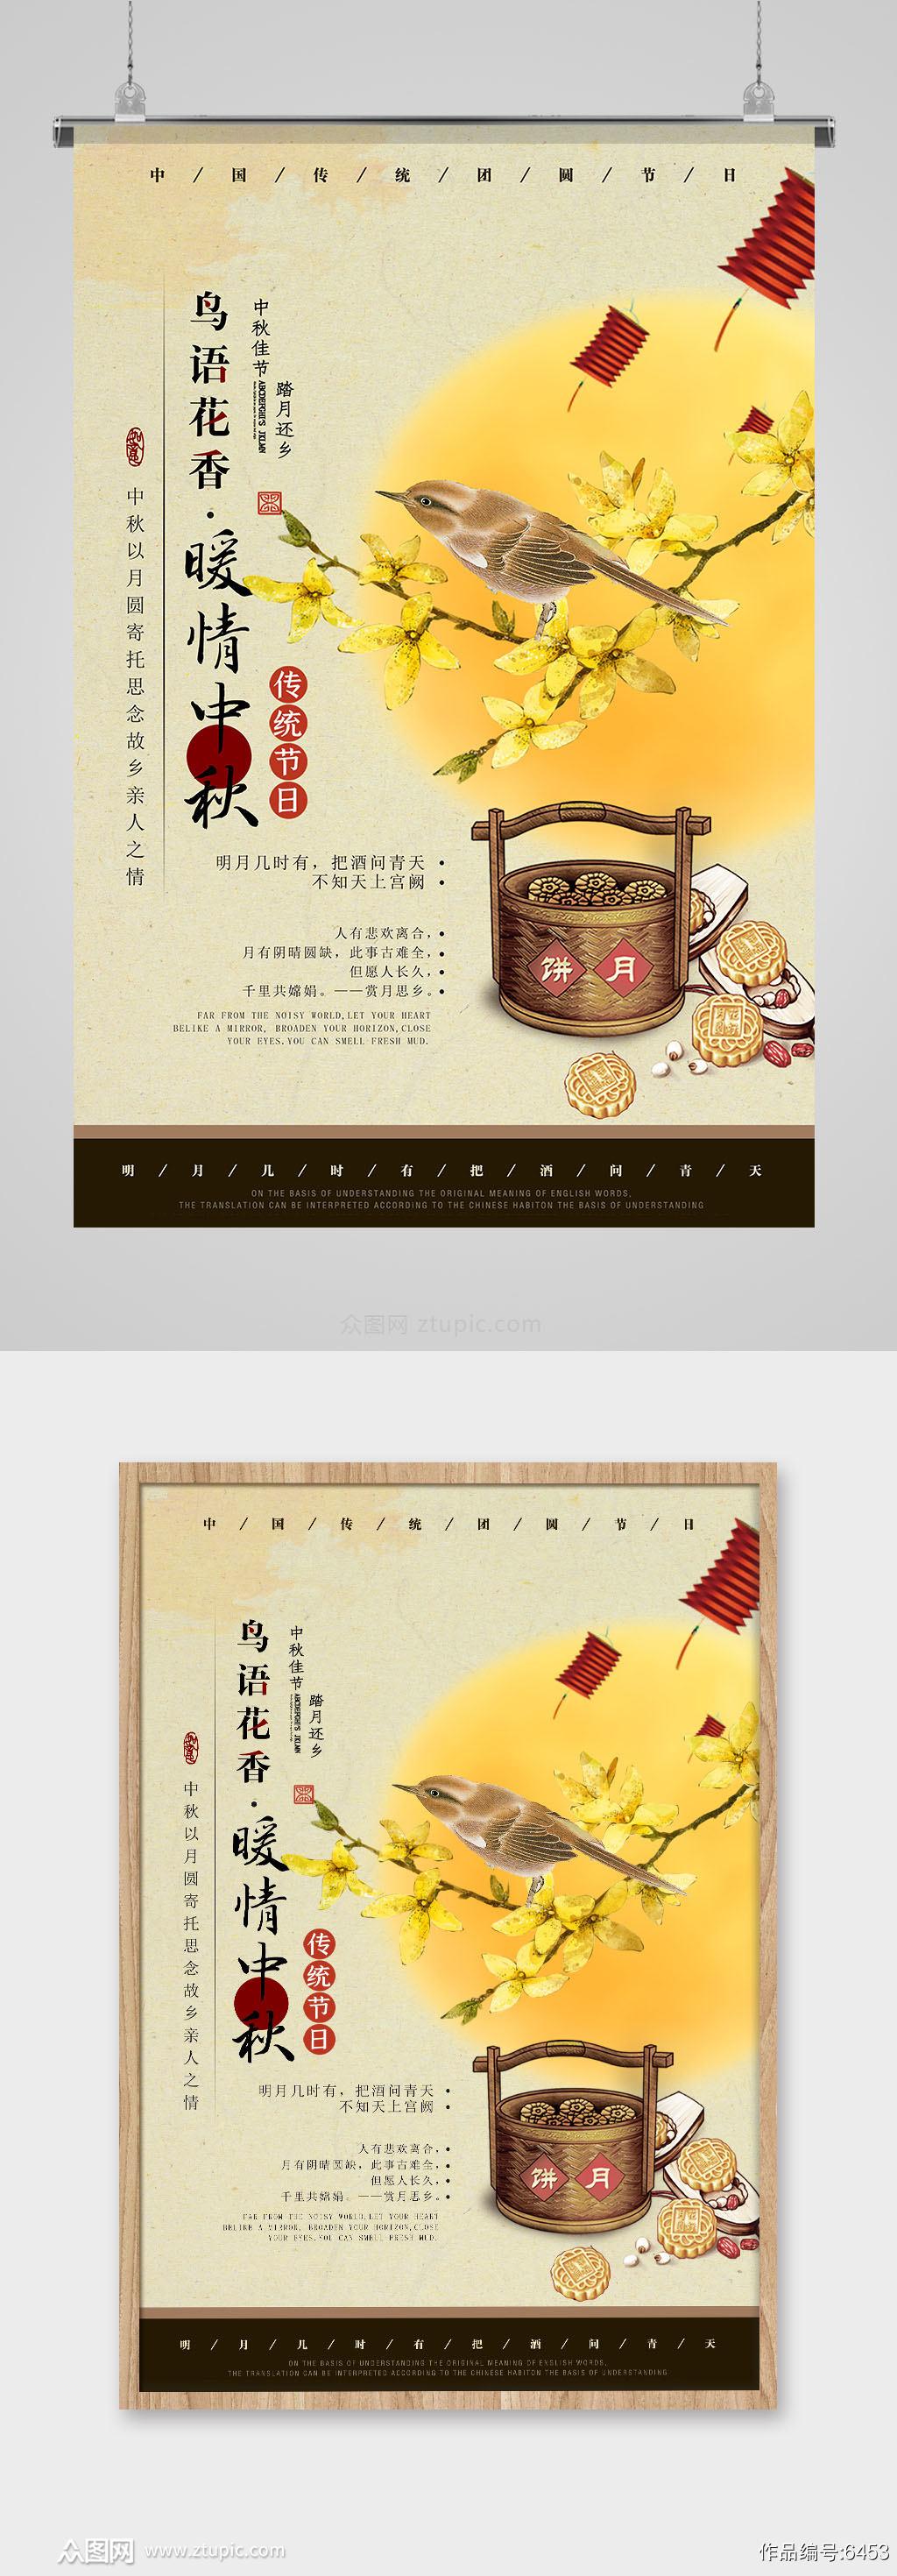 高端中式中秋海报设计素材